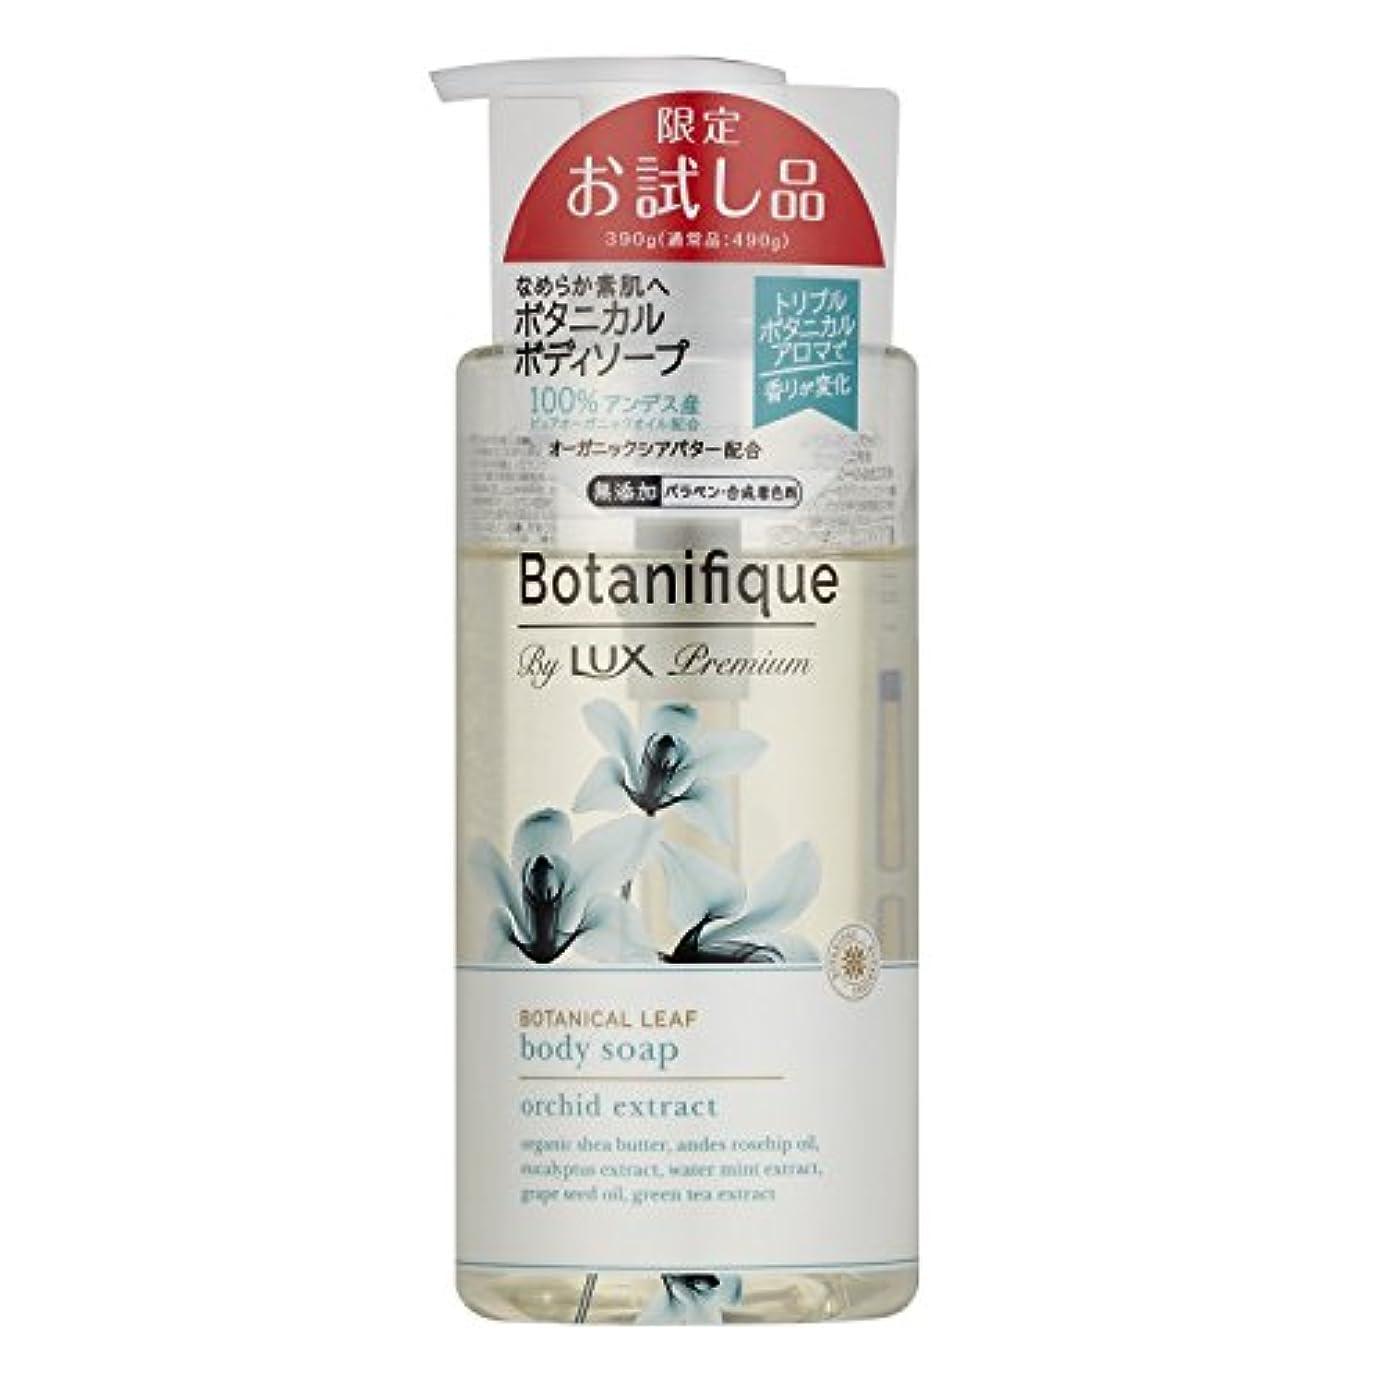 レザーホバーお客様ラックス プレミアム ボタニフィーク ボタニカルリーフ ボディソープ ポンプ(ボタニカルリーフの香り) お試し品 390g